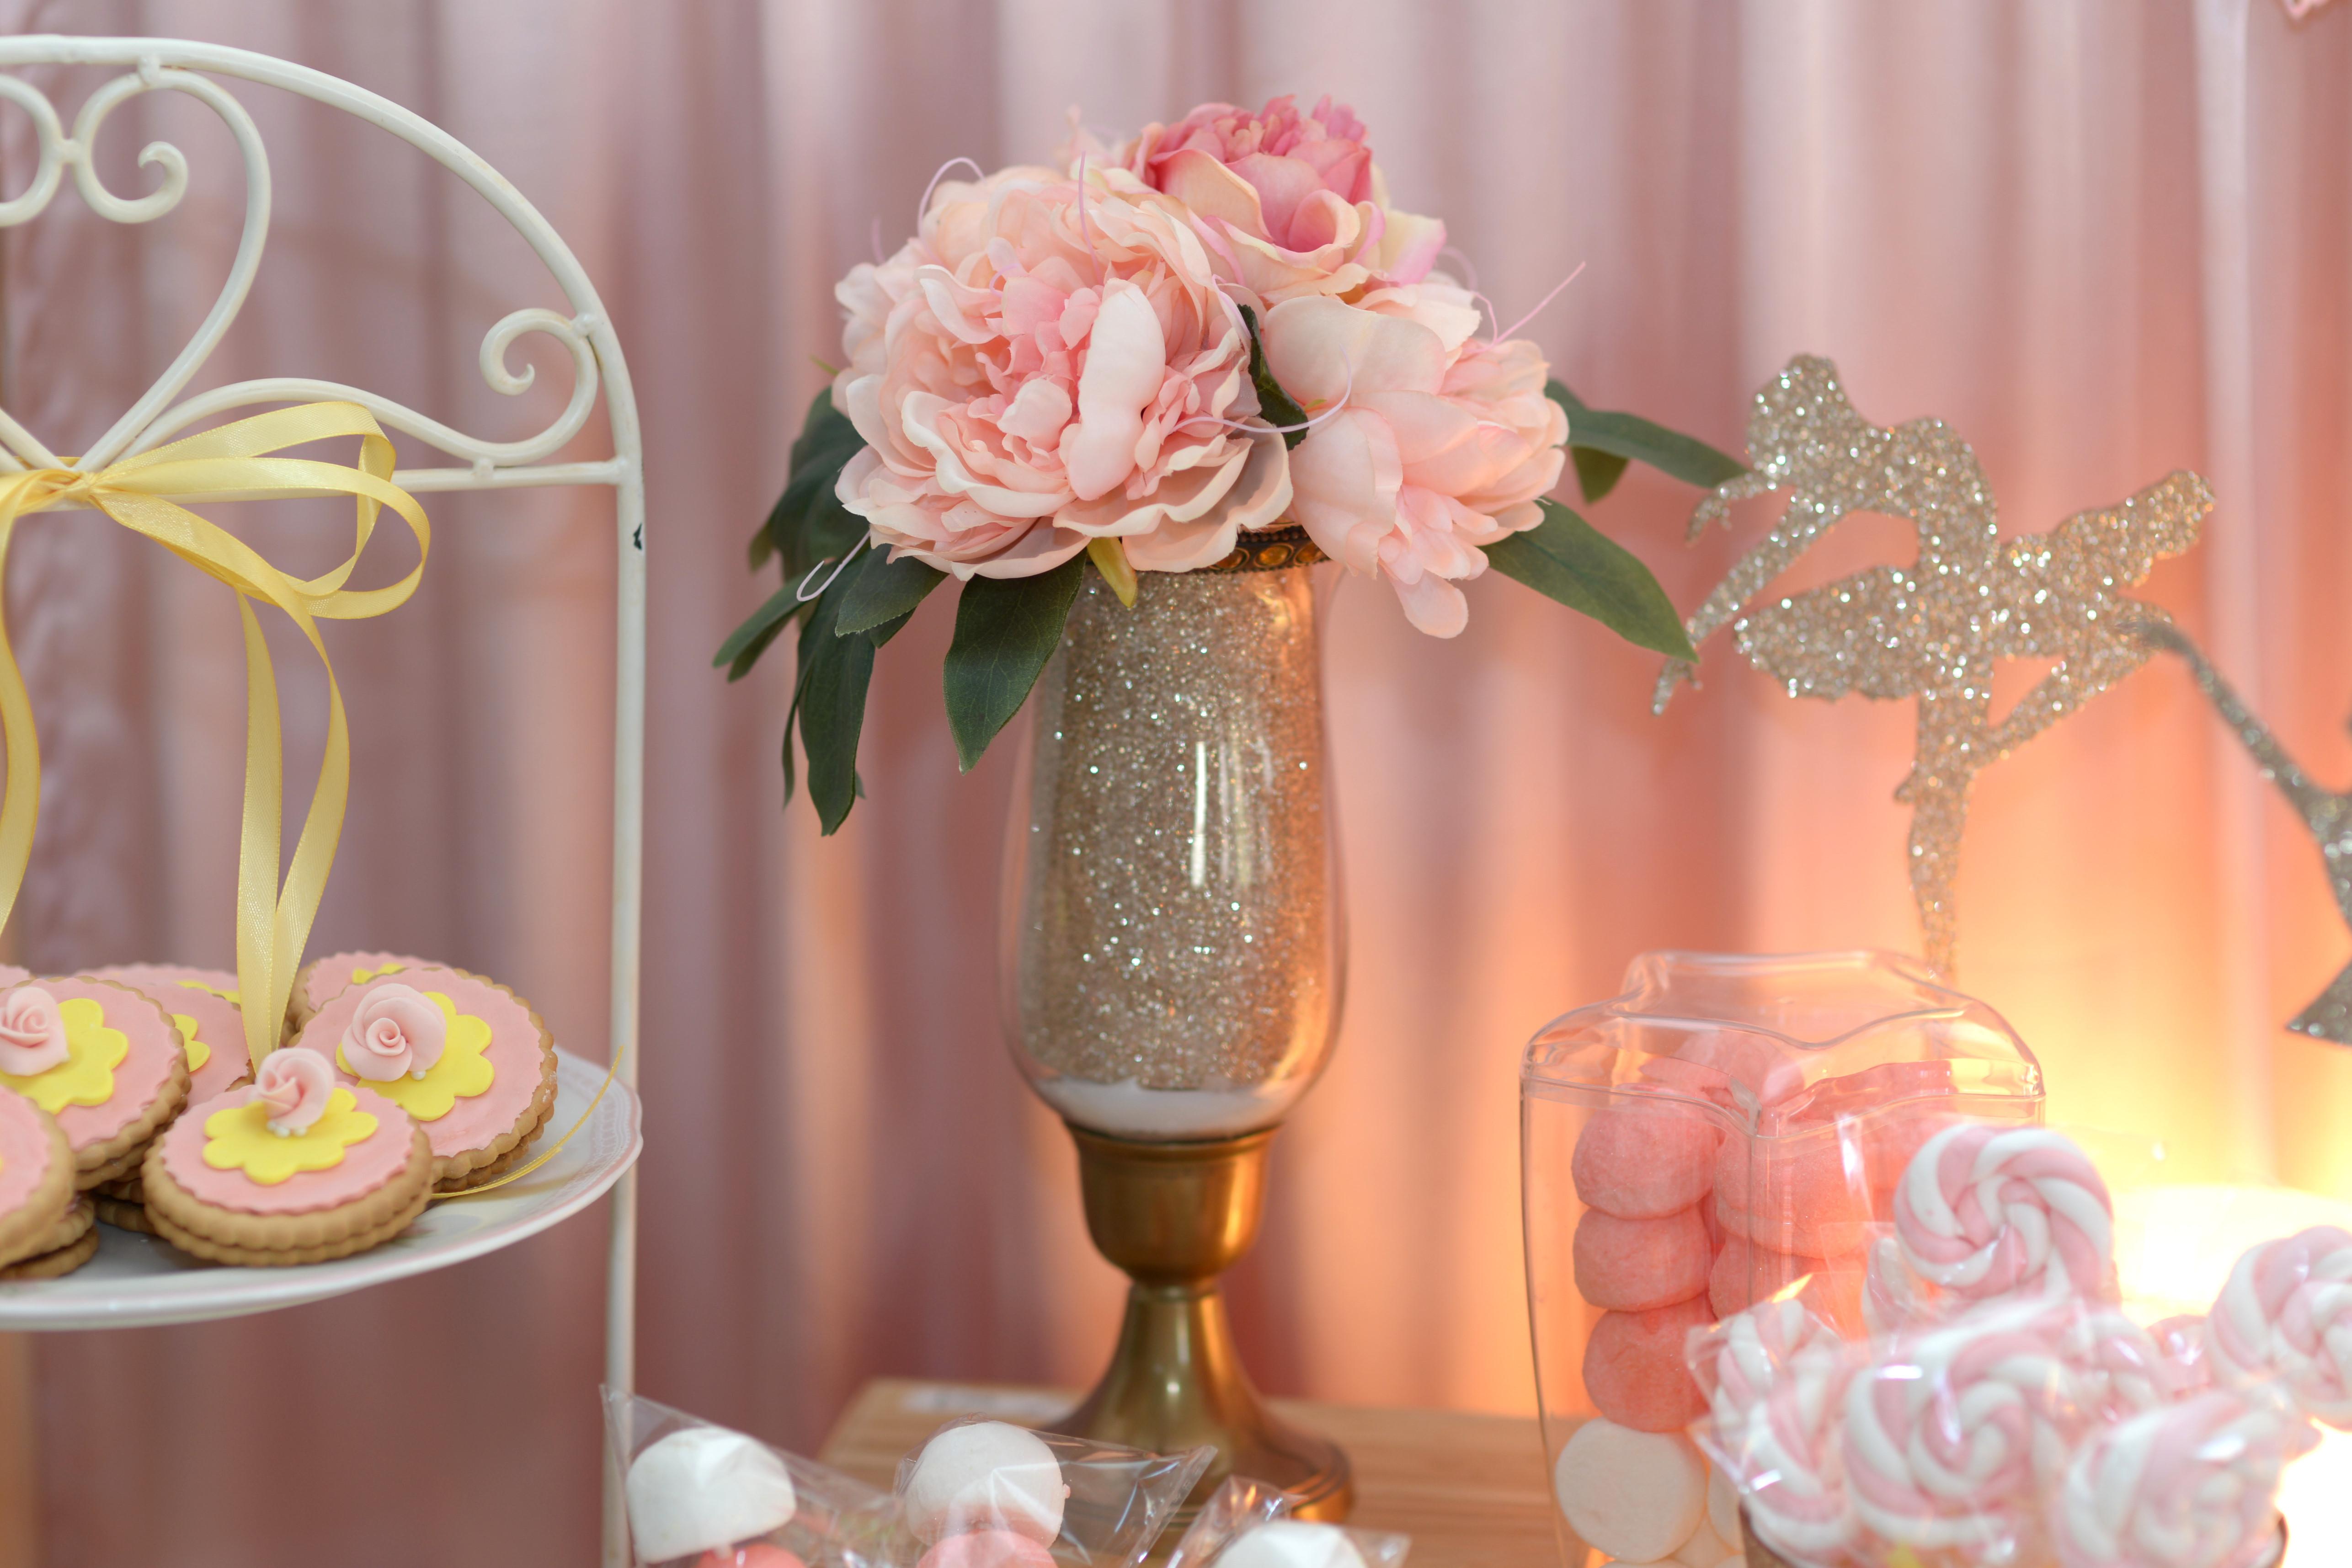 שולחן מתוק ליום הולדת לבת מצווה בלט